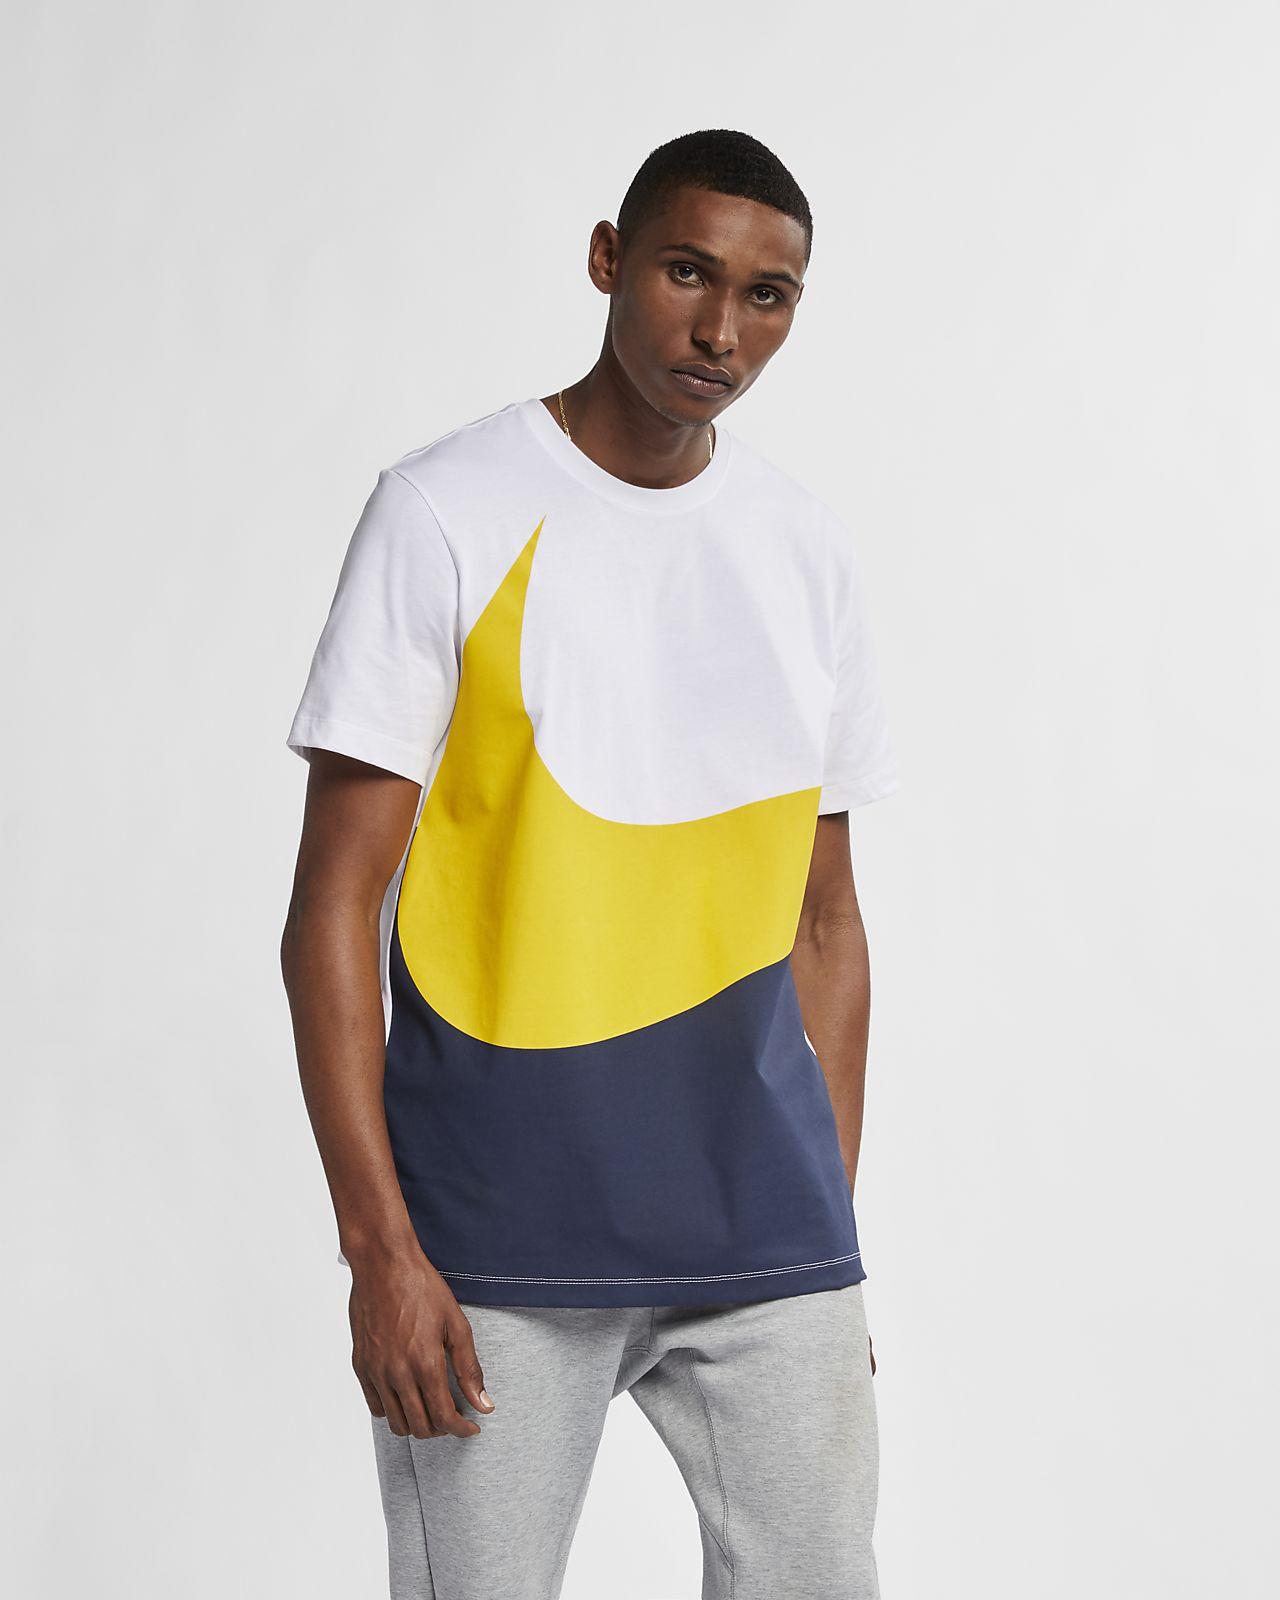 e4a074466 Nike Sportswear Swoosh T-Shirt. Nike.com AU